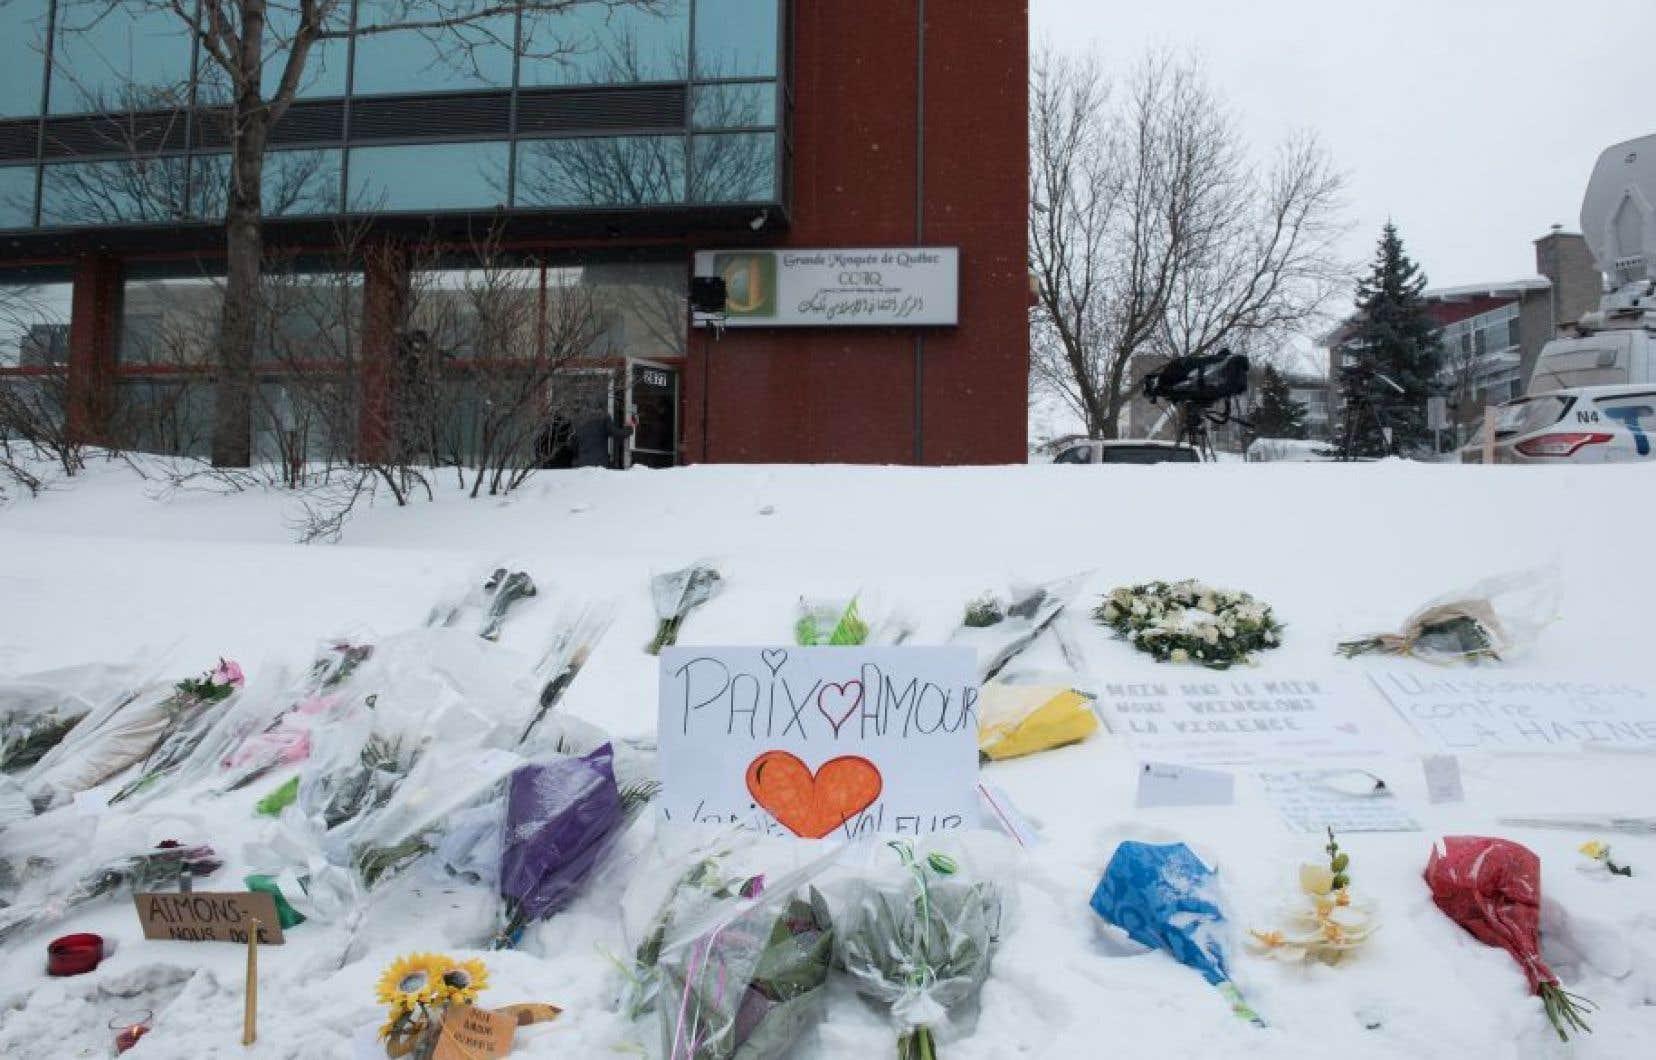 Le 29janvier 2017, un tireur a pénétré dans la grande mosquée de Québec.